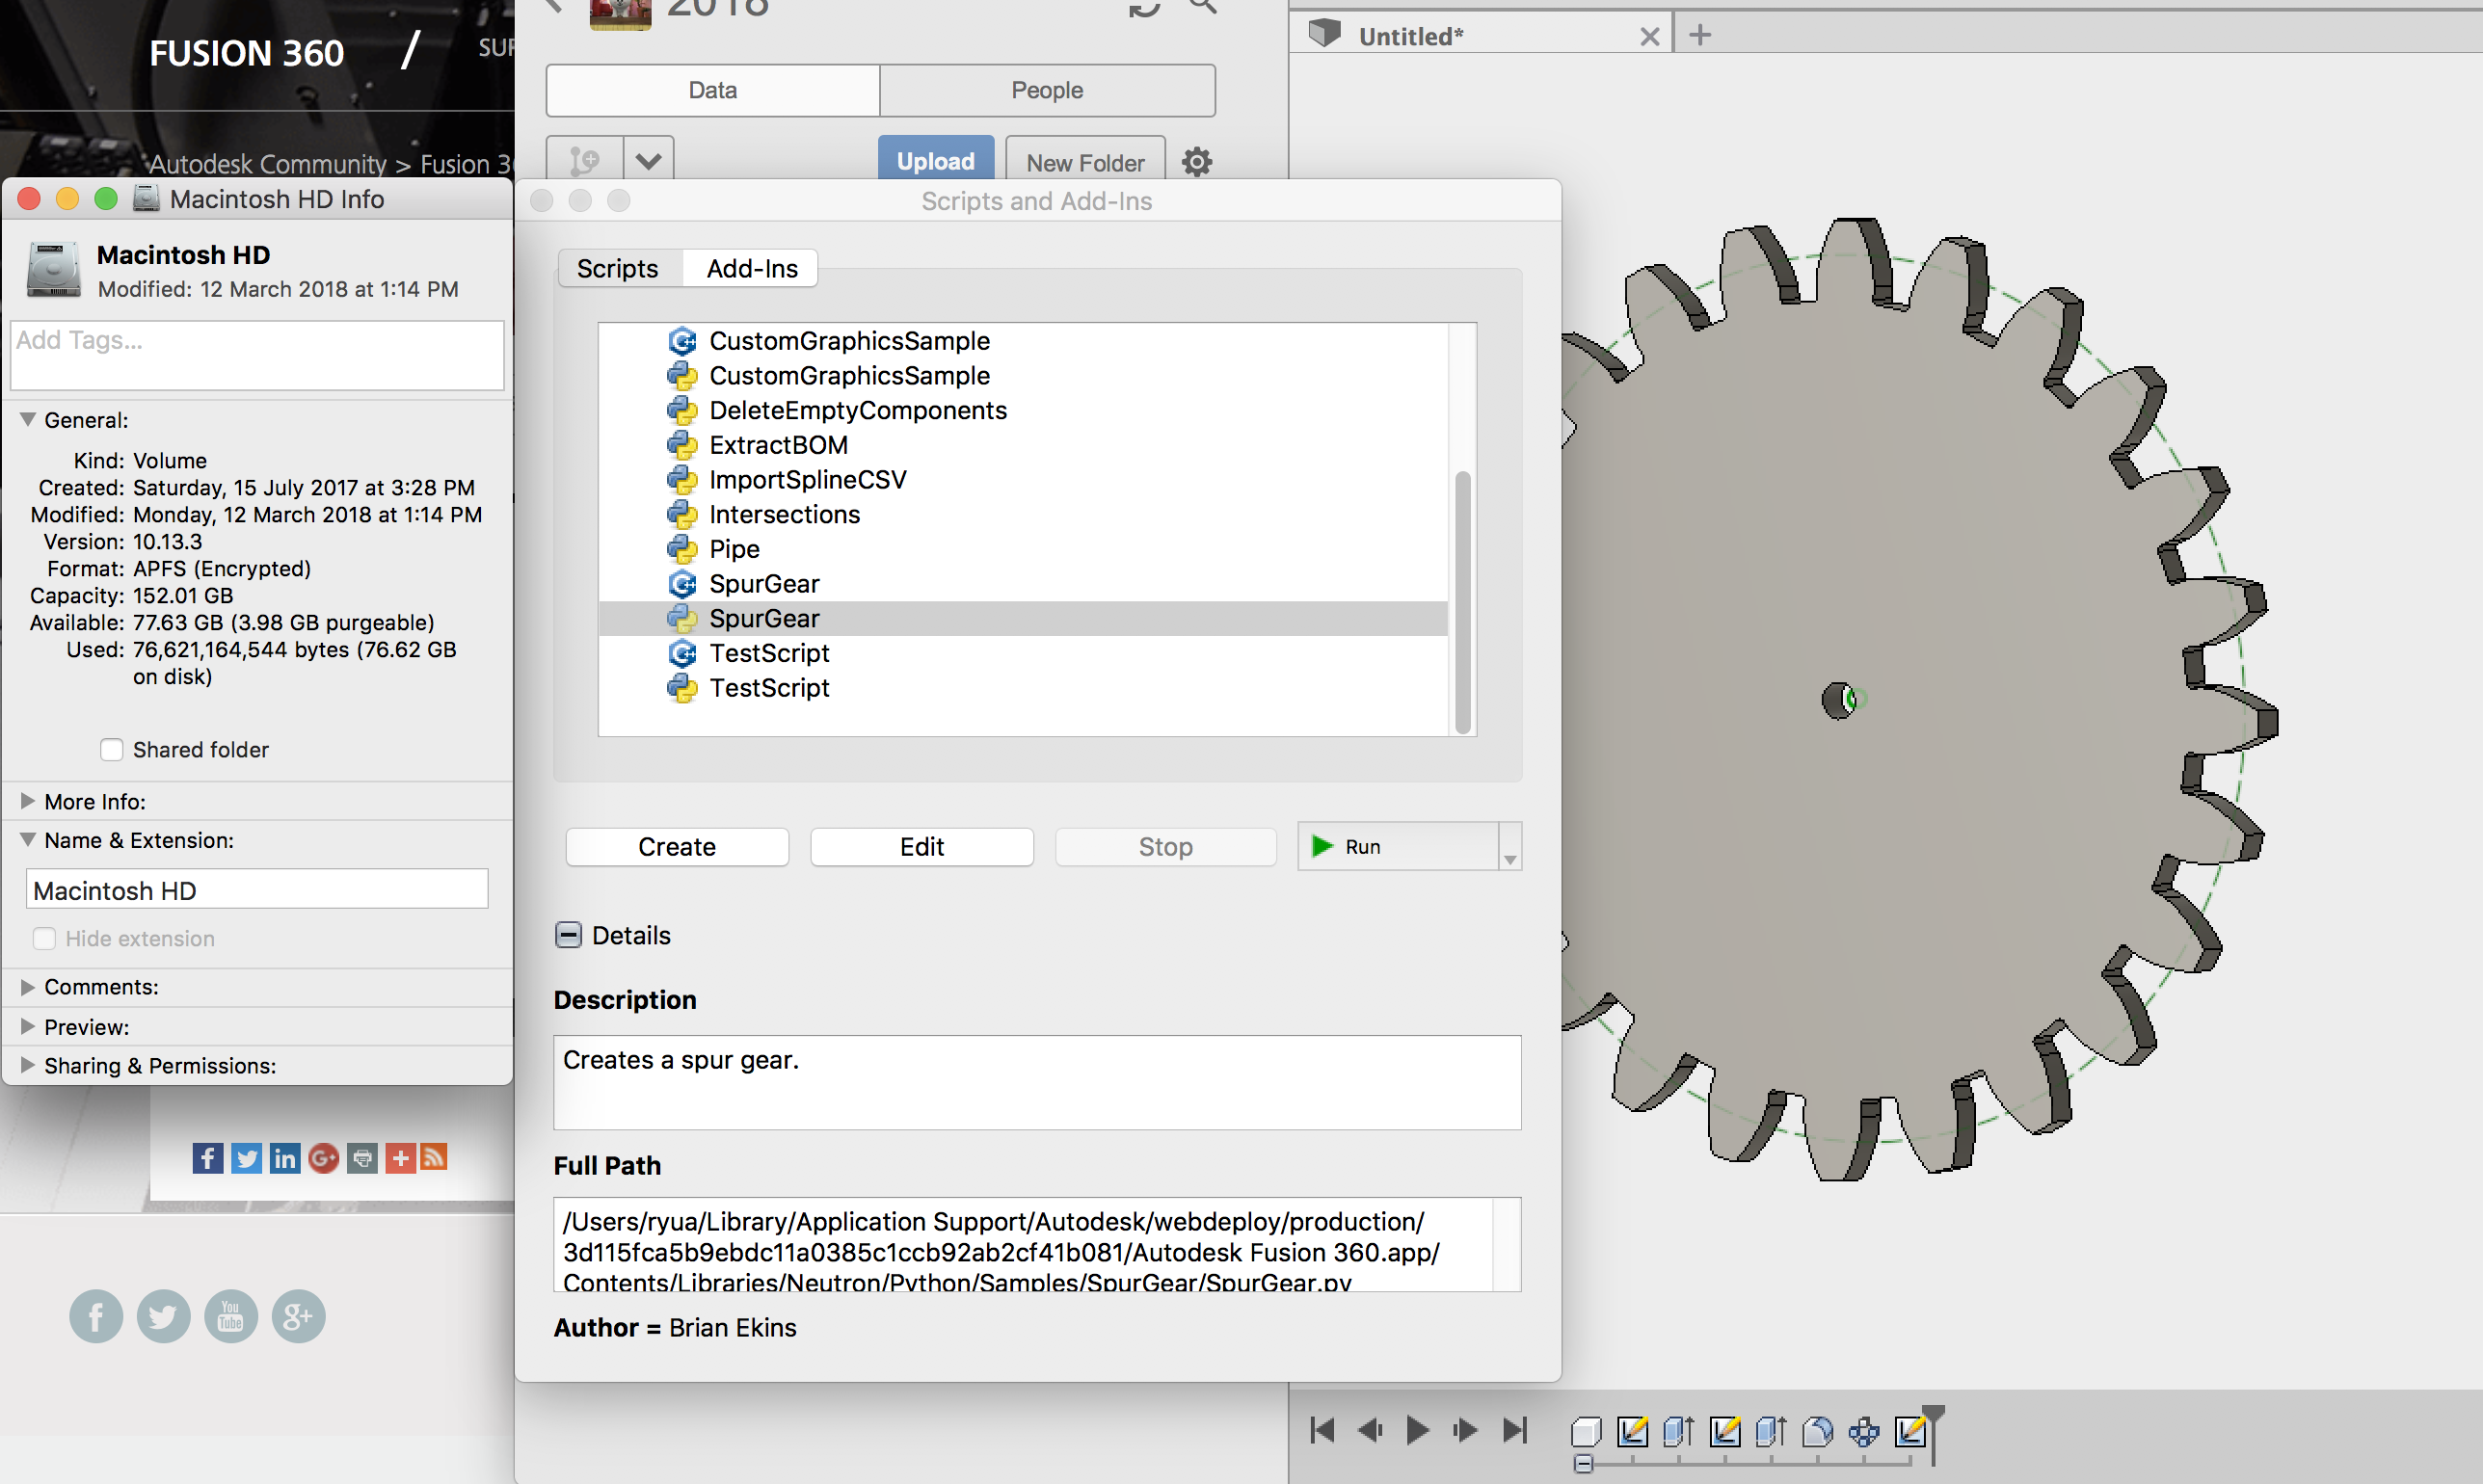 Gear script problem  - Autodesk Community- Fusion 360